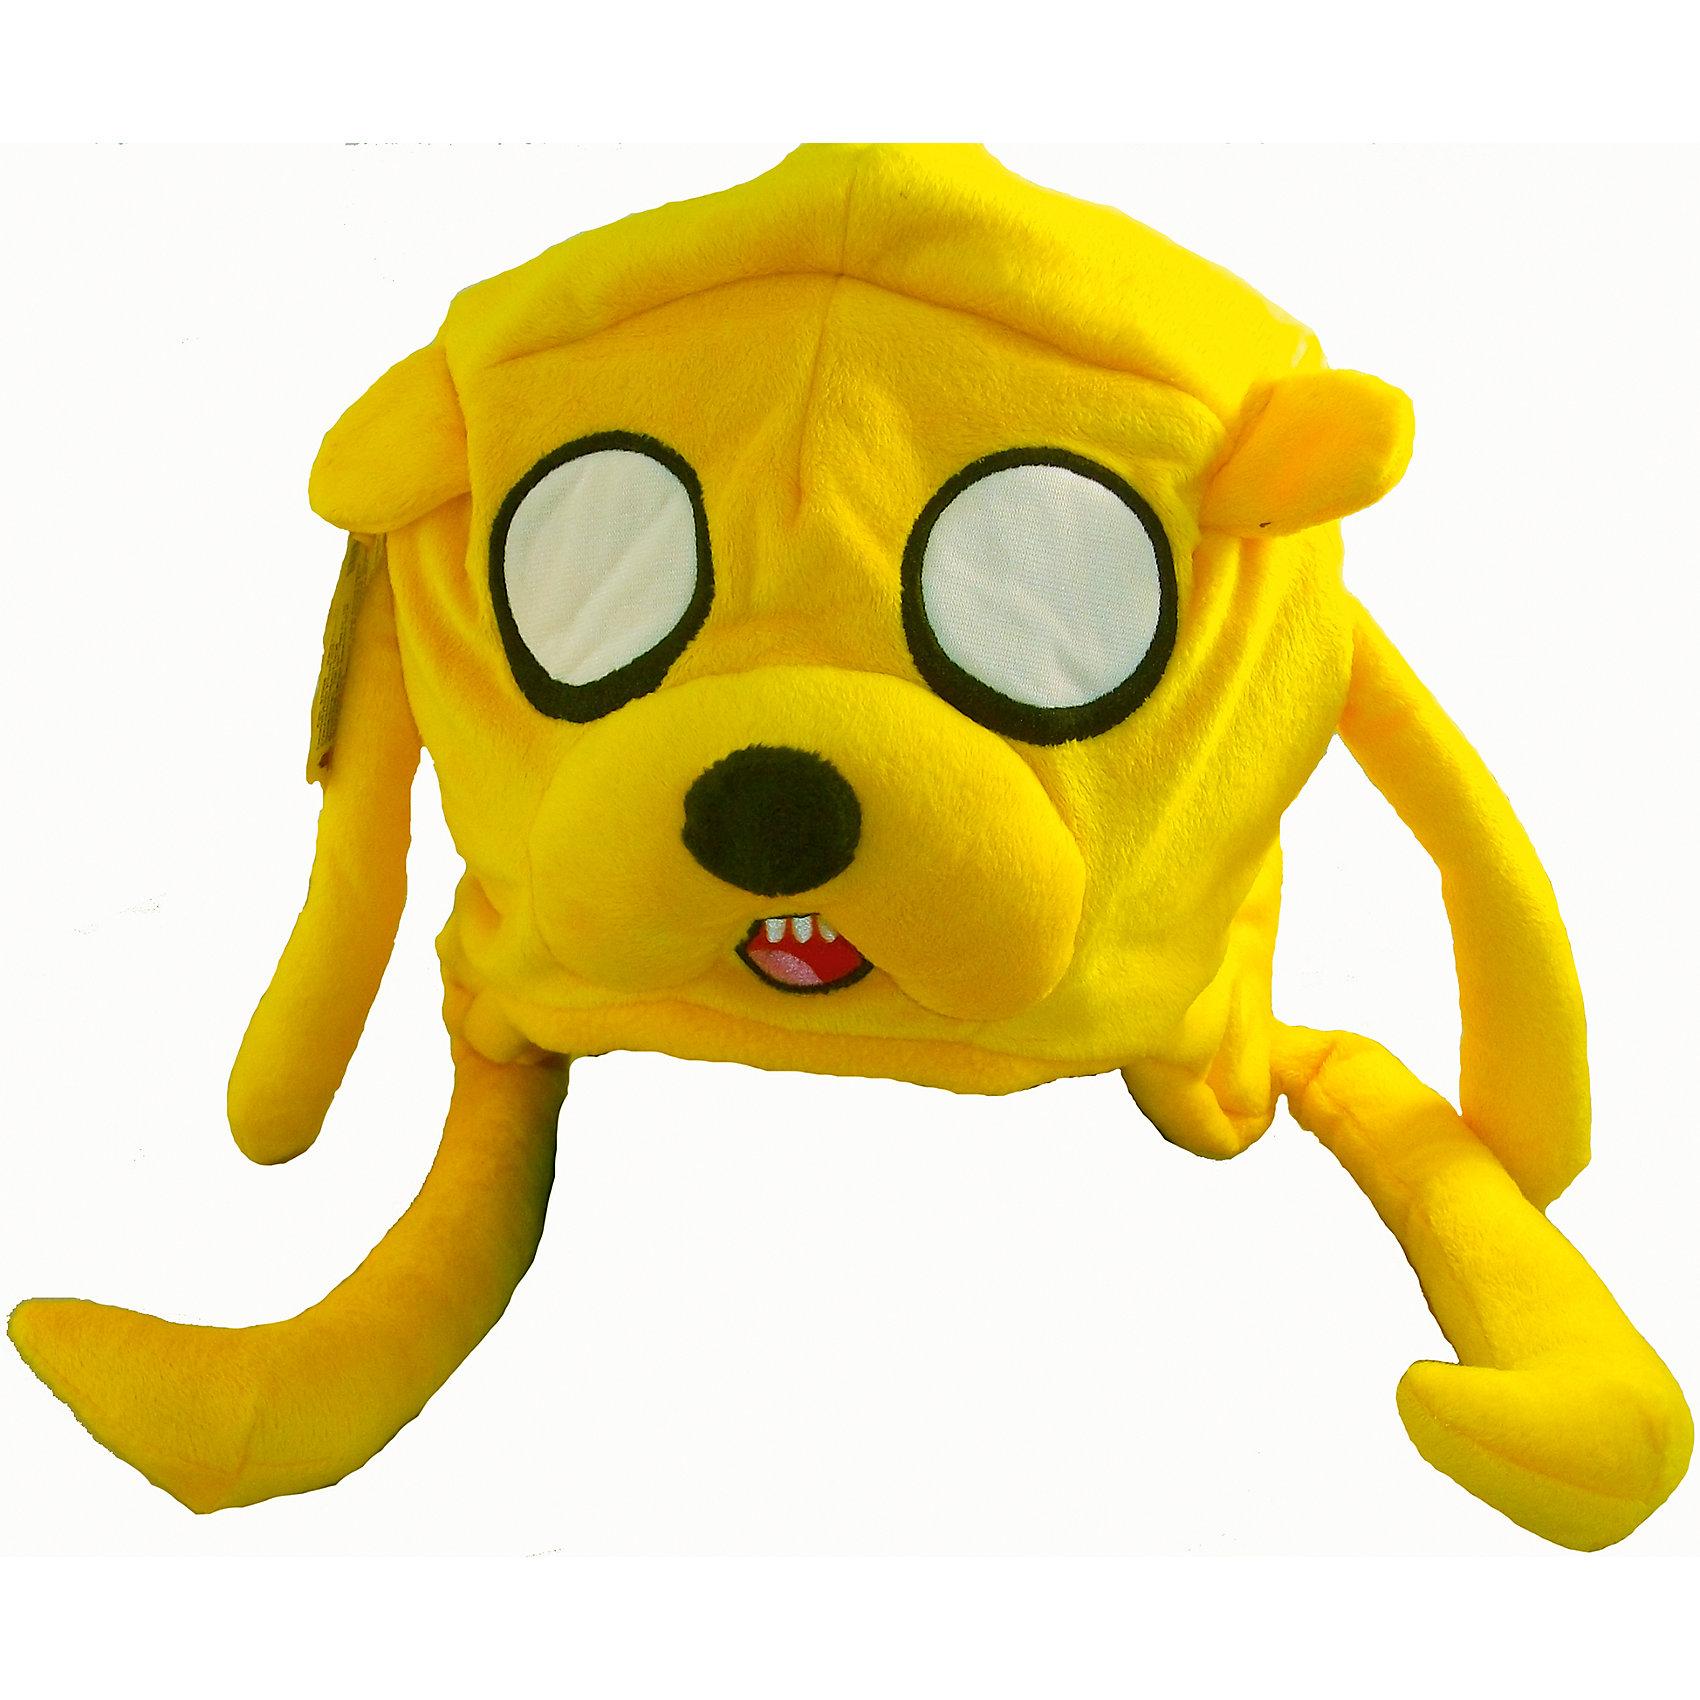 Шапка Джейк,  Время приключенийЛюбимые герои<br>Шапка Джейк,  Время приключений – это забавная шапка для настоящего поклонника мультсериала Время Приключений!<br>Мягкая, плюшевая шапка,  выполненная в виде пса Джейка из мультсериала Adventure Time (Приключения с Финном и Джейком), защитит от холода. Одев эту удобную, теплую и стильную шапку, Вы почувствуете себя Джейком и попадете в различные веселые приключения! По размеру шапка подойдет на взрослого, на детскую голову подойдет как вторая шапка.<br><br>Дополнительная информация:<br><br>- Материал: плюш<br><br>Шапку Джейк,  Время приключений можно купить в нашем интернет-магазине.<br><br>Ширина мм: 200<br>Глубина мм: 250<br>Высота мм: 150<br>Вес г: 250<br>Возраст от месяцев: 108<br>Возраст до месяцев: 144<br>Пол: Унисекс<br>Возраст: Детский<br>SKU: 4293063